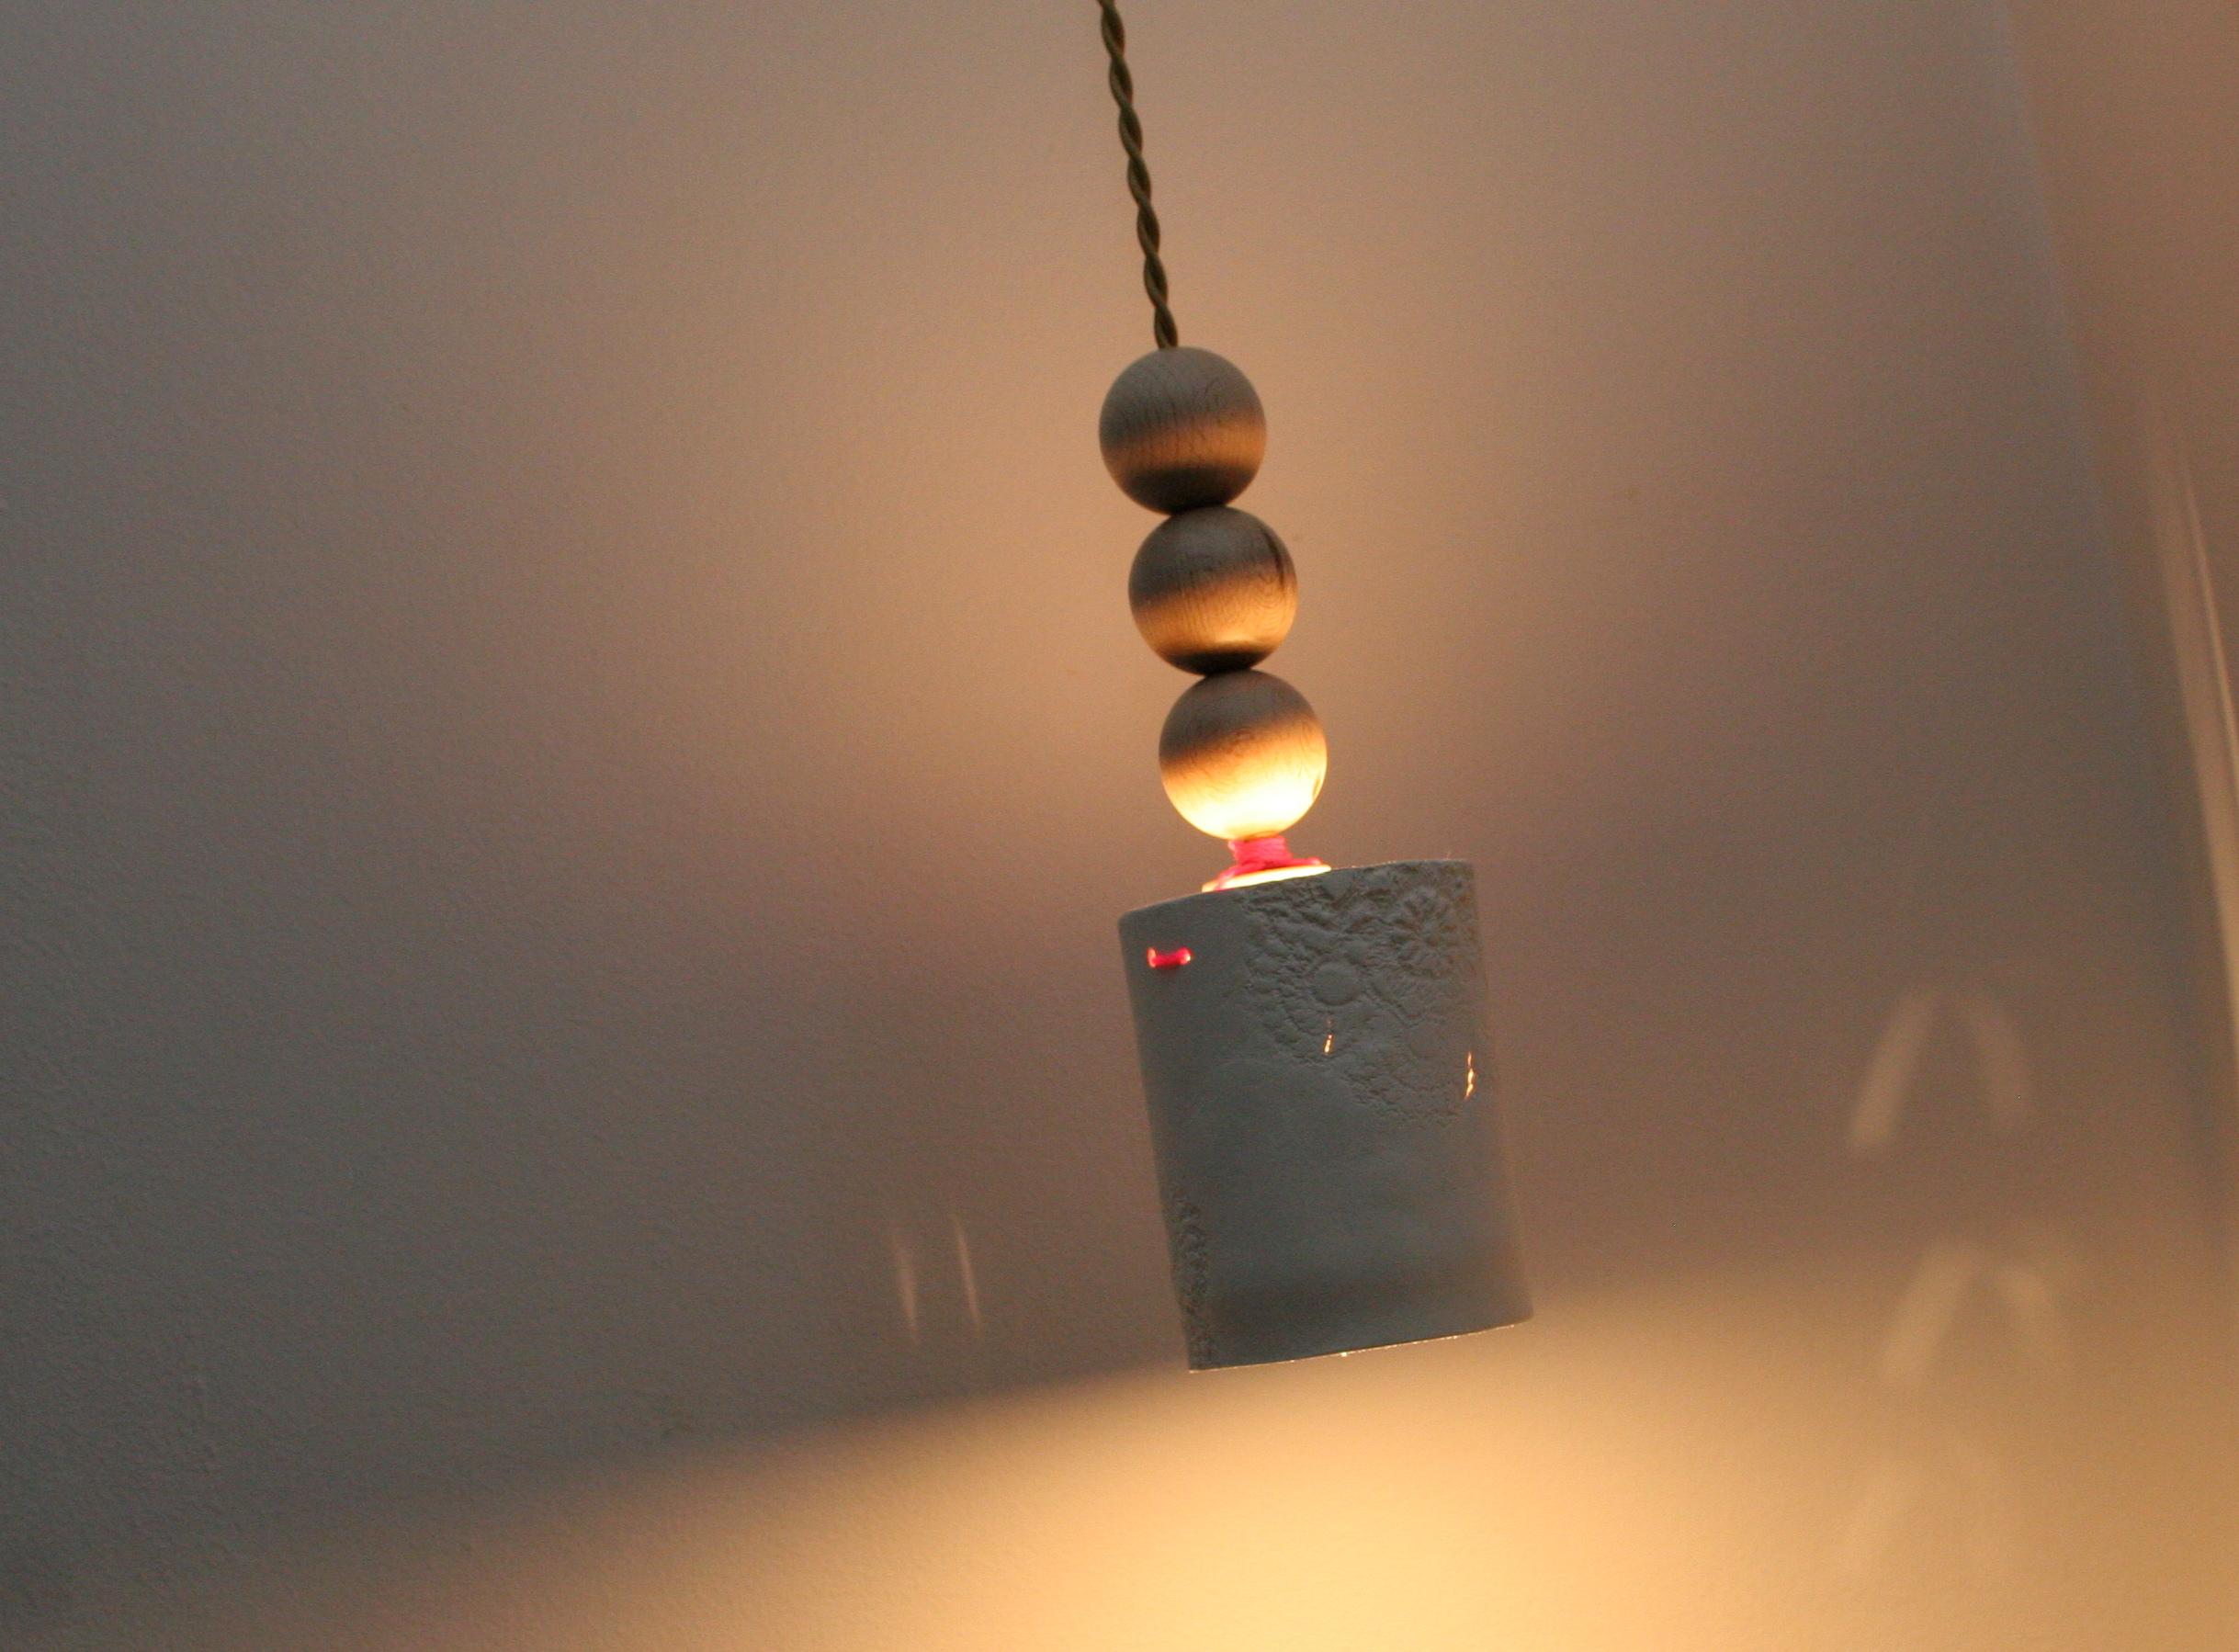 lampe_ler_perler_1